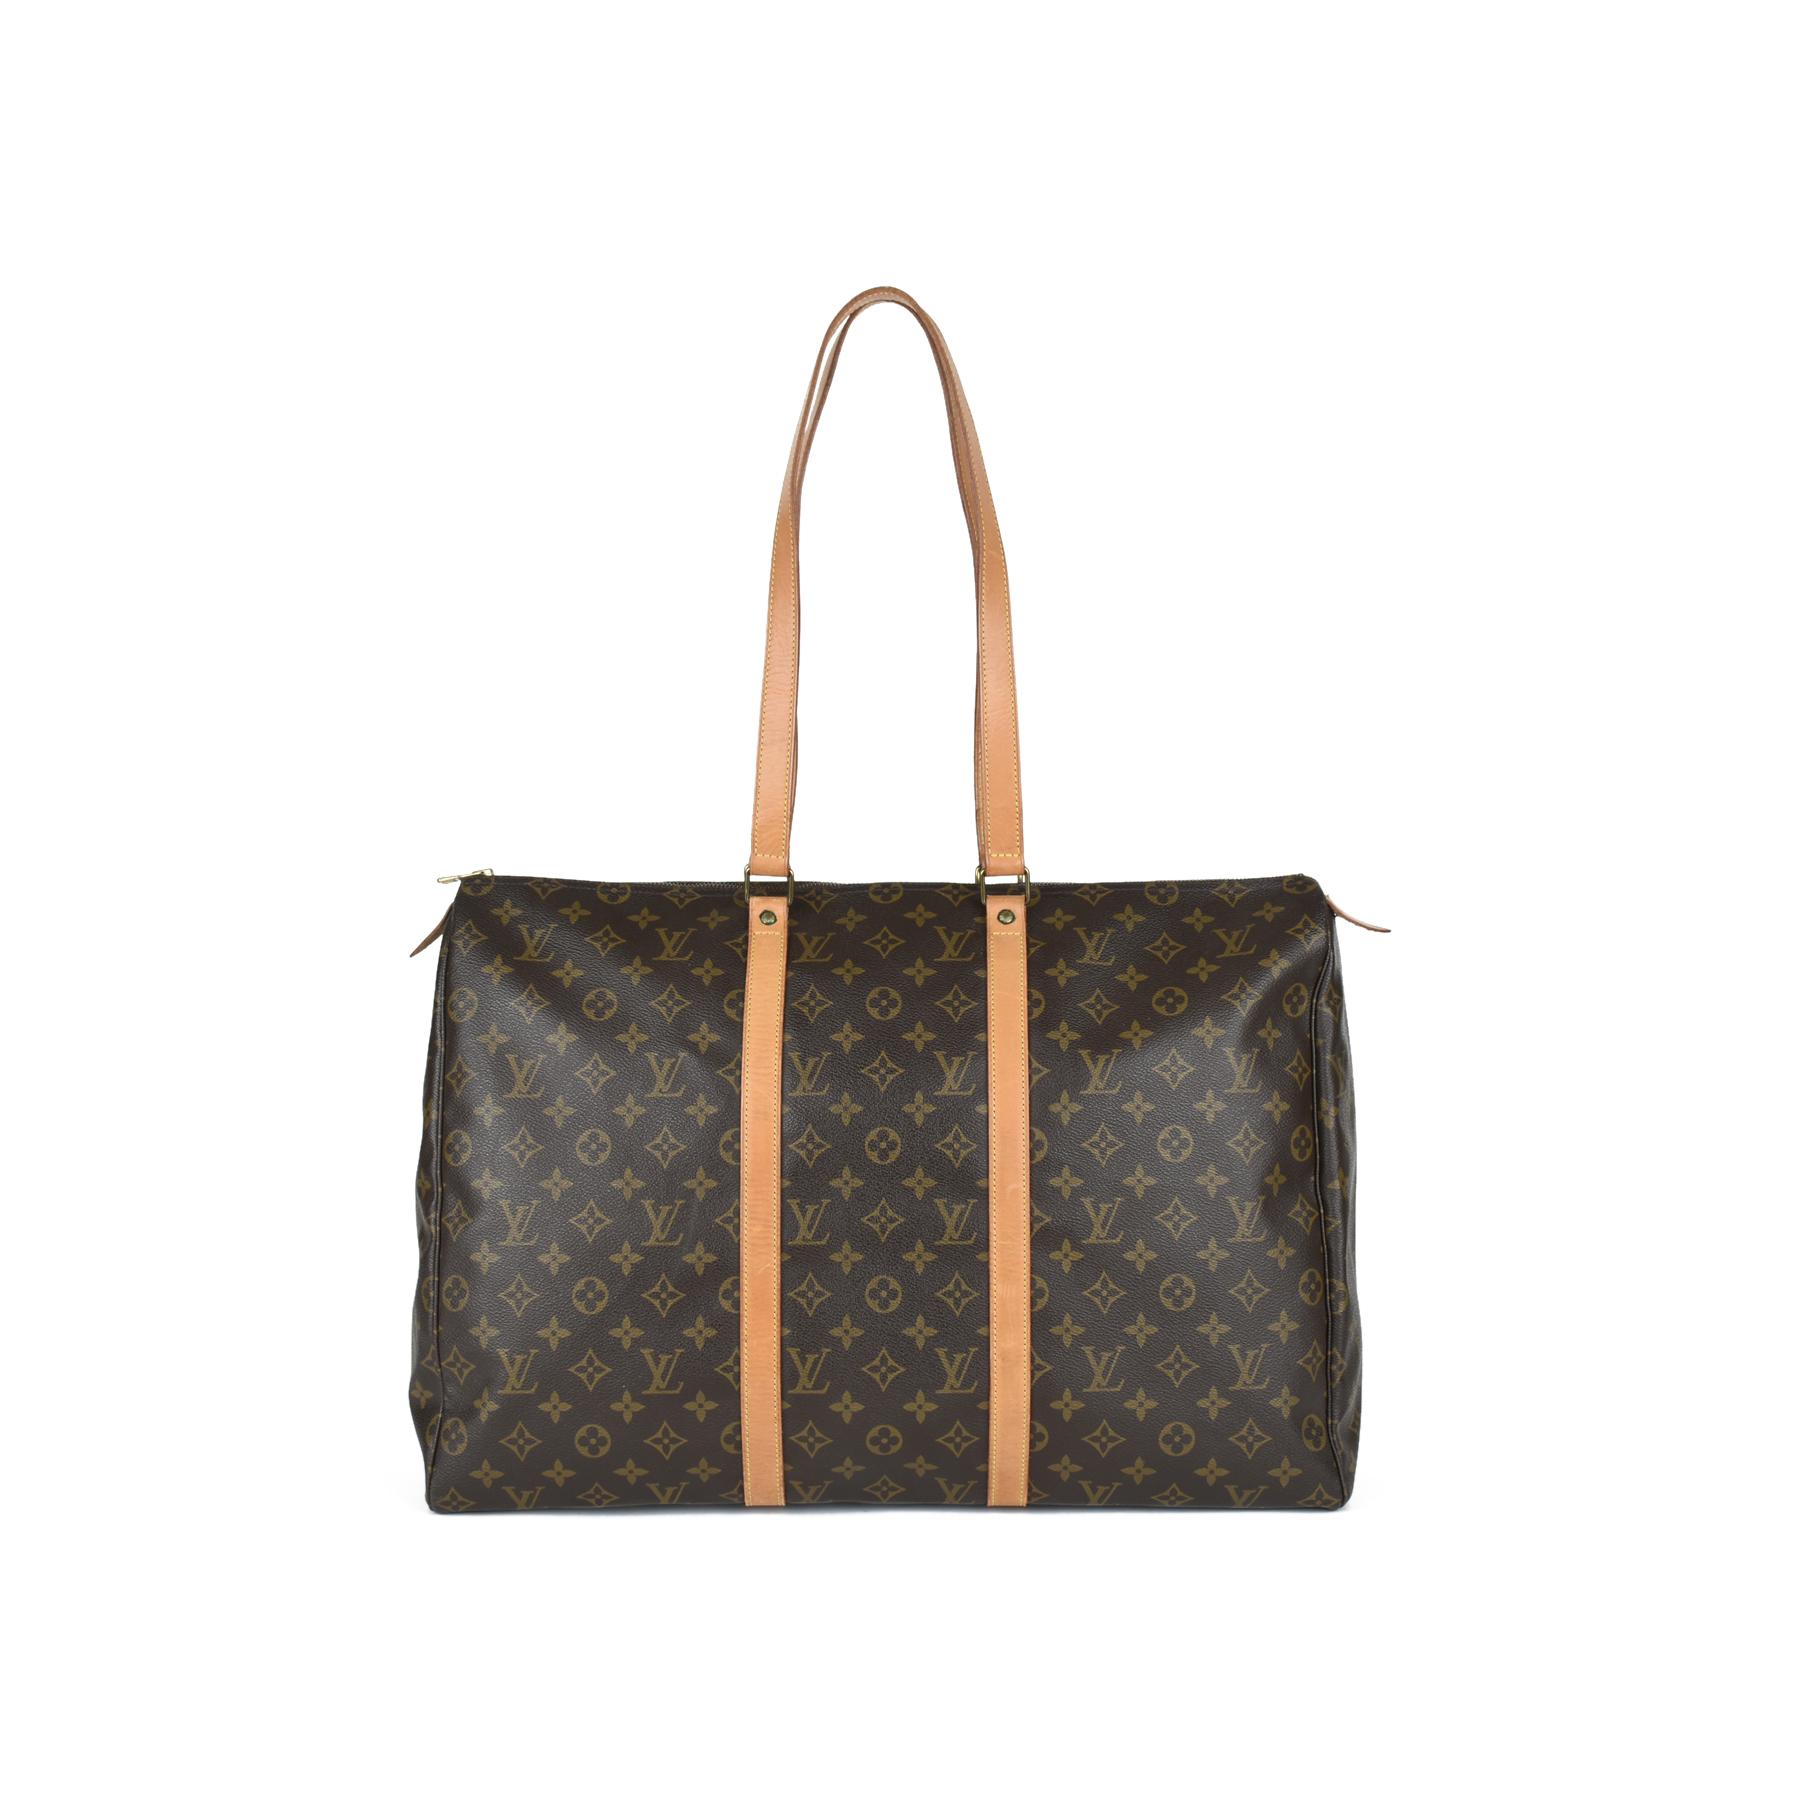 e332b59c8ec Authentic Second Hand Louis Vuitton Sac Flanerie 50 (PSS-438-00001 ...